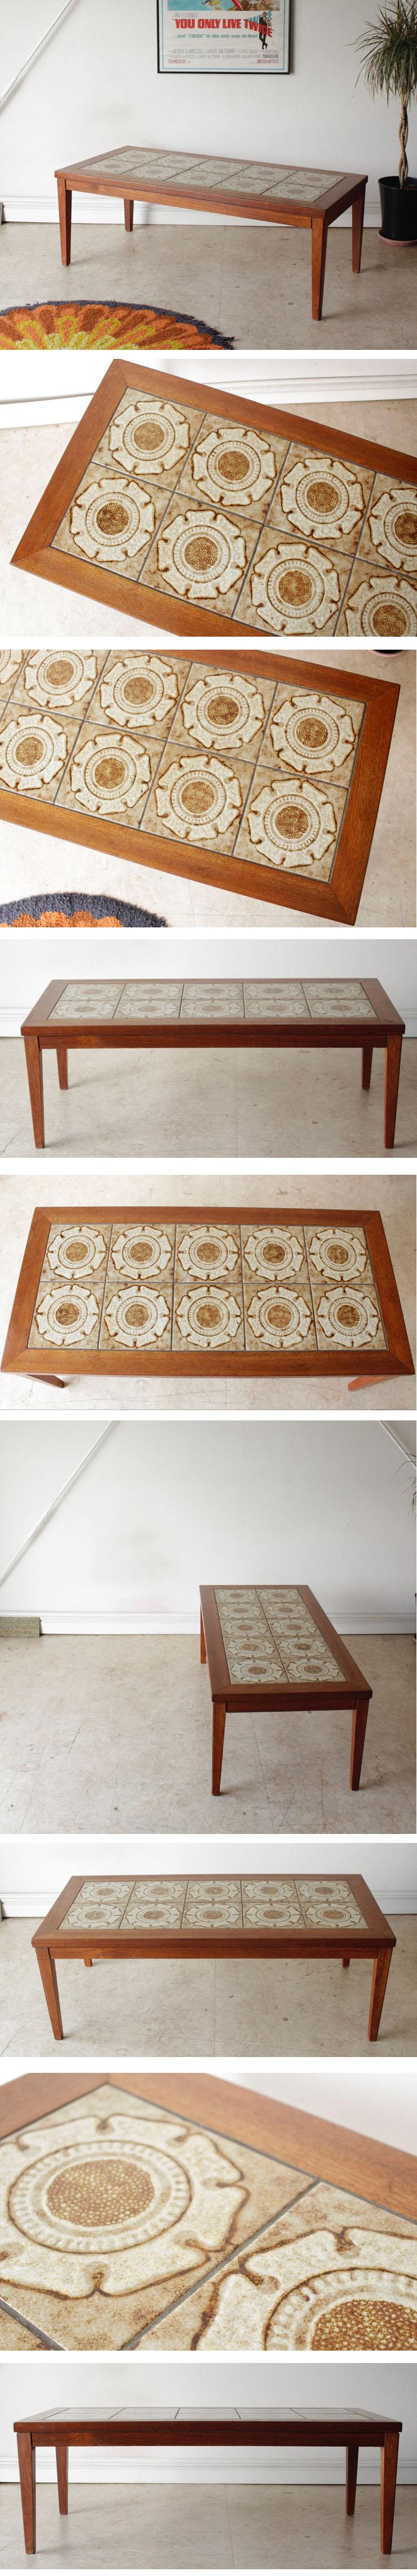 イギリス製・ビンテージ・タイルテーブル・コーヒーテーブル・センターテーブル・北欧・アンティーク